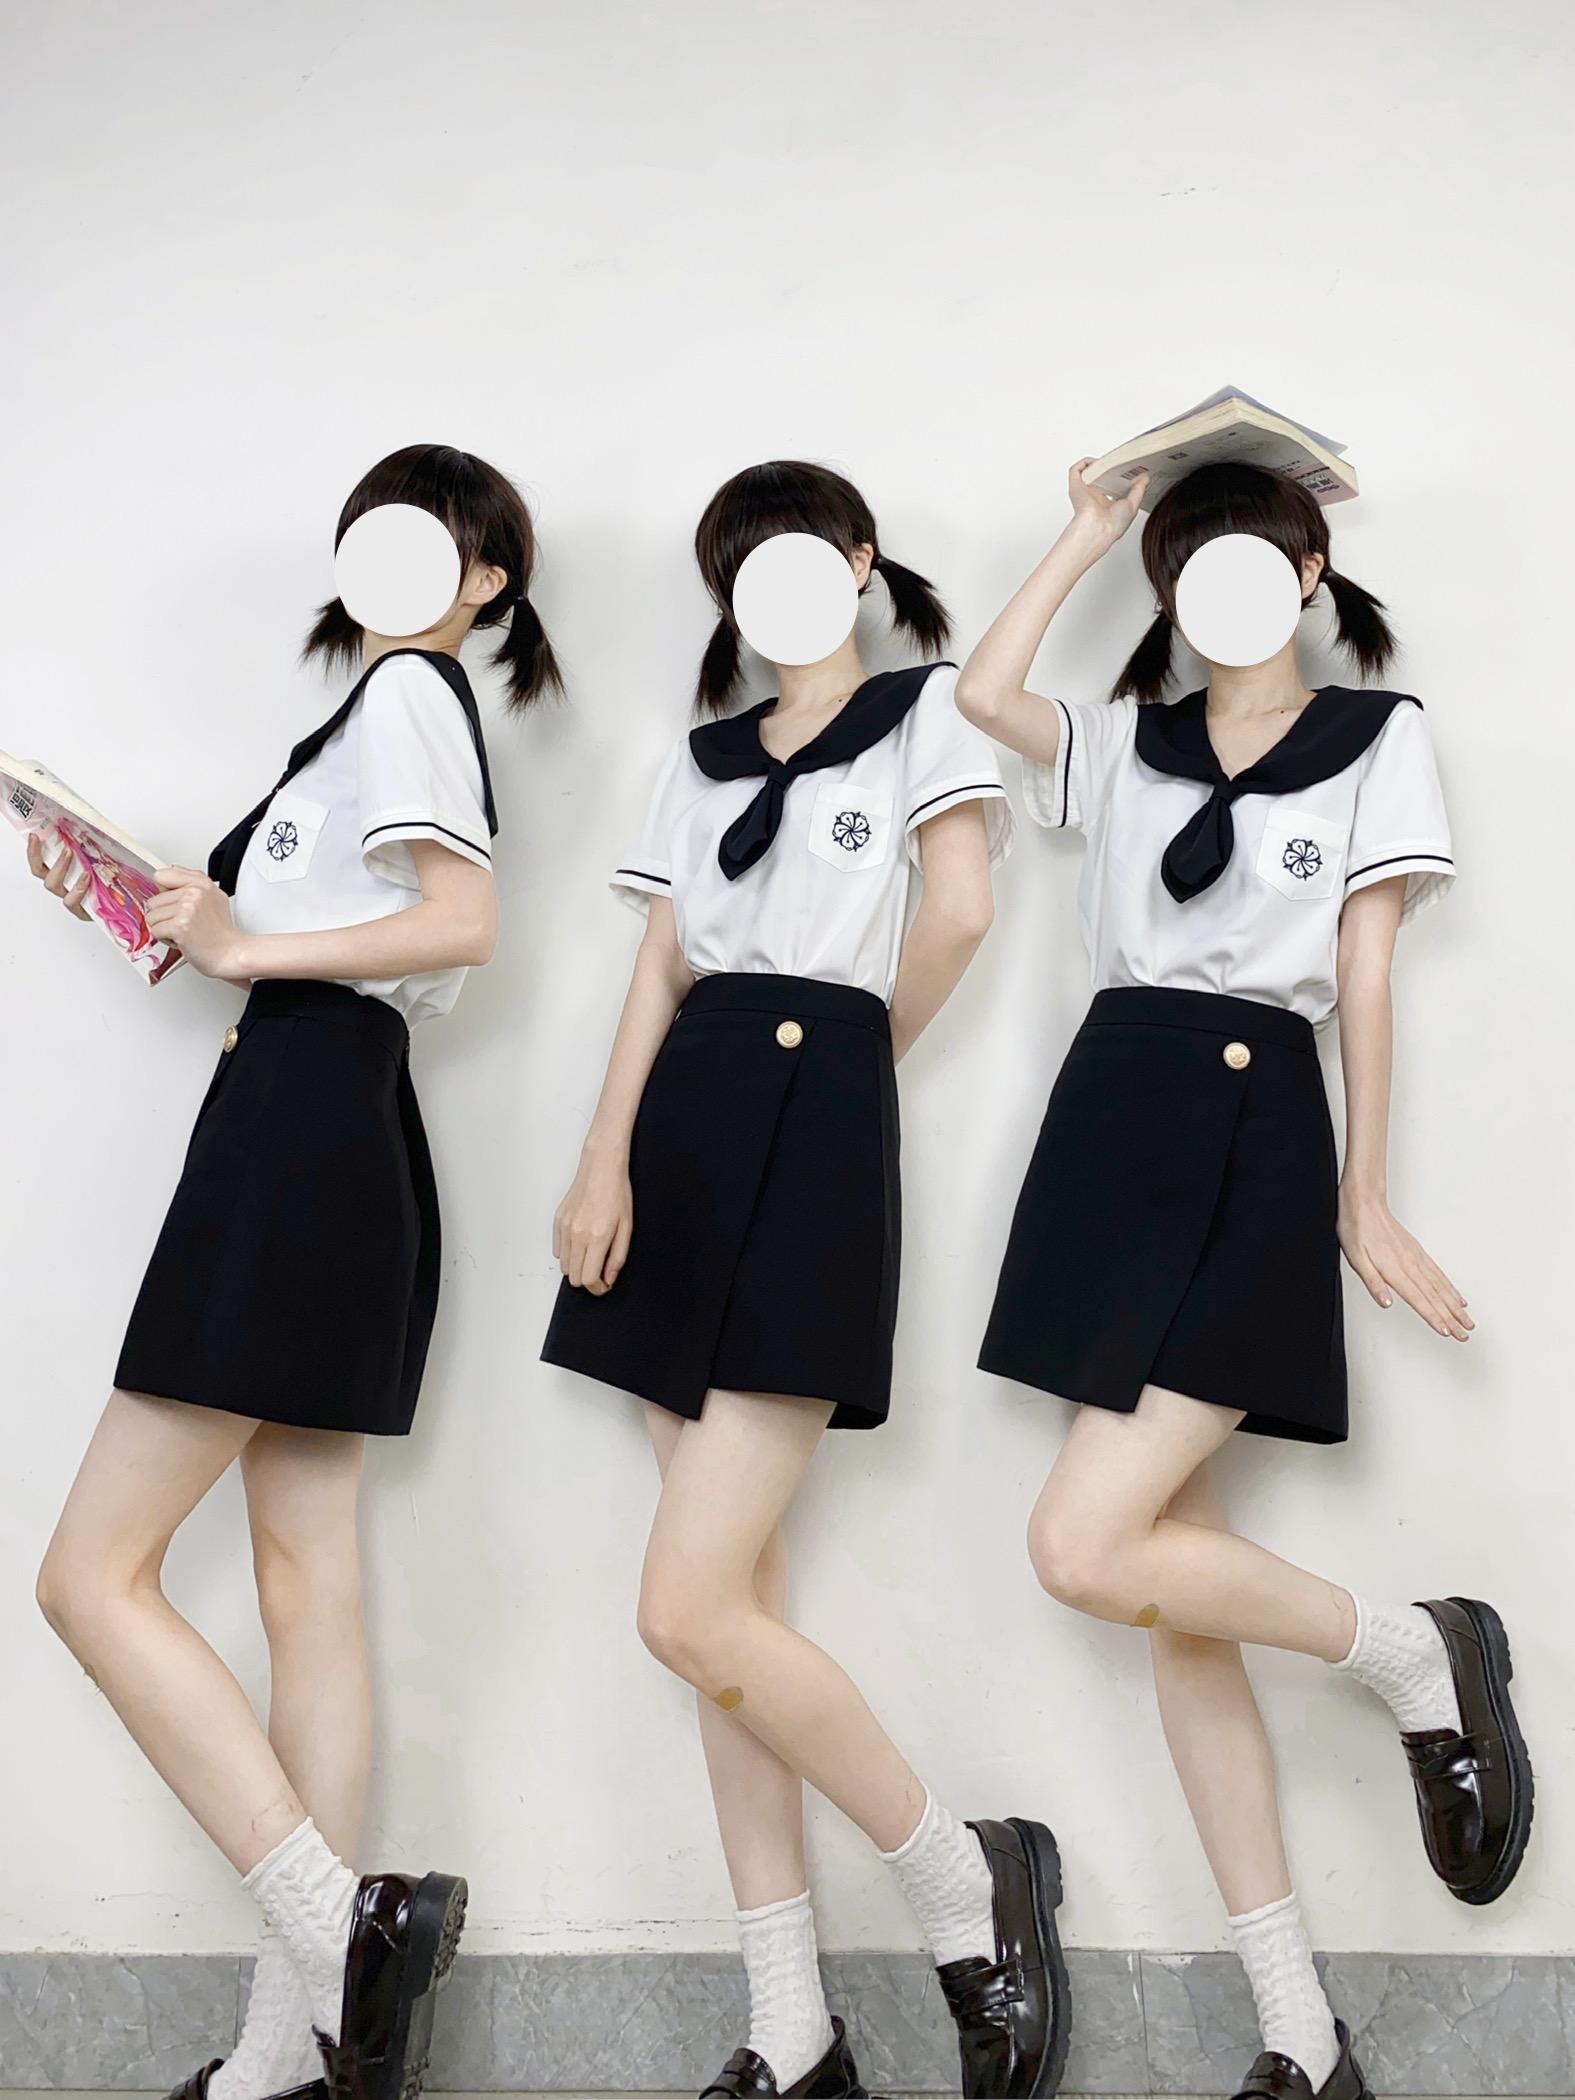 千木JK制服【雅凛女子】三团韩式制服半身裙包臀裙全款套装